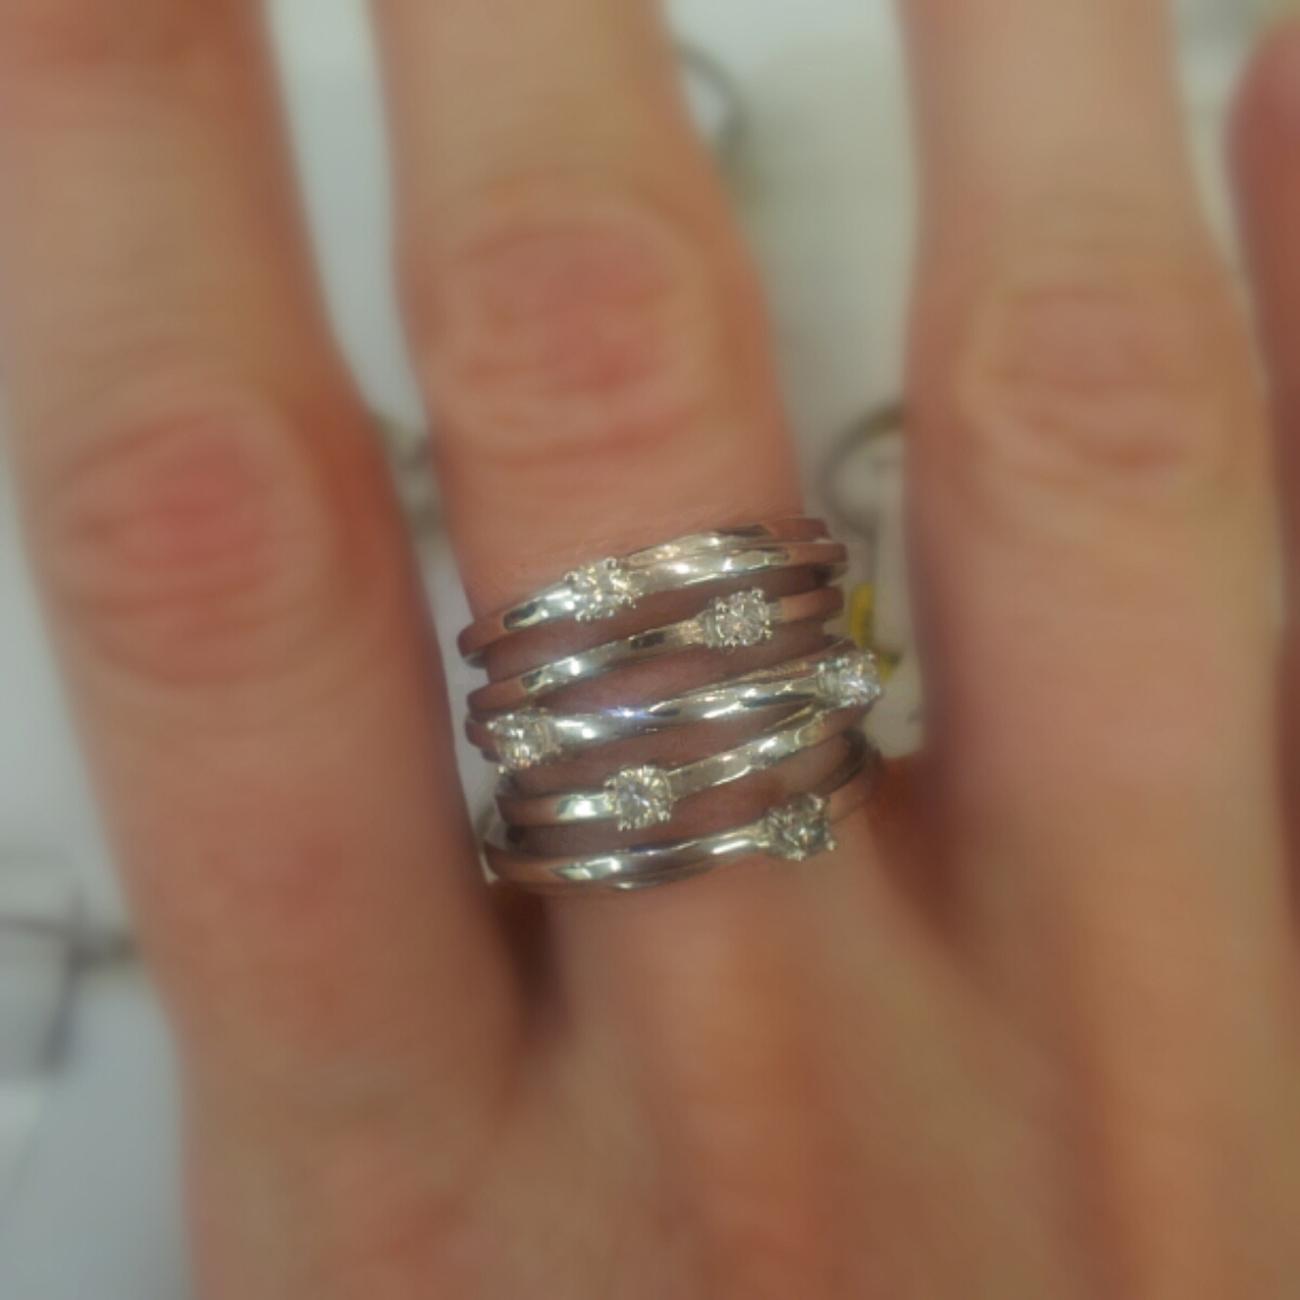 ג'קסון. טבעת אירוסין שמורכבת ממספר טבעות. 4,500 שקל (צילום: מירב קריסטל) (צילום: מירב קריסטל)